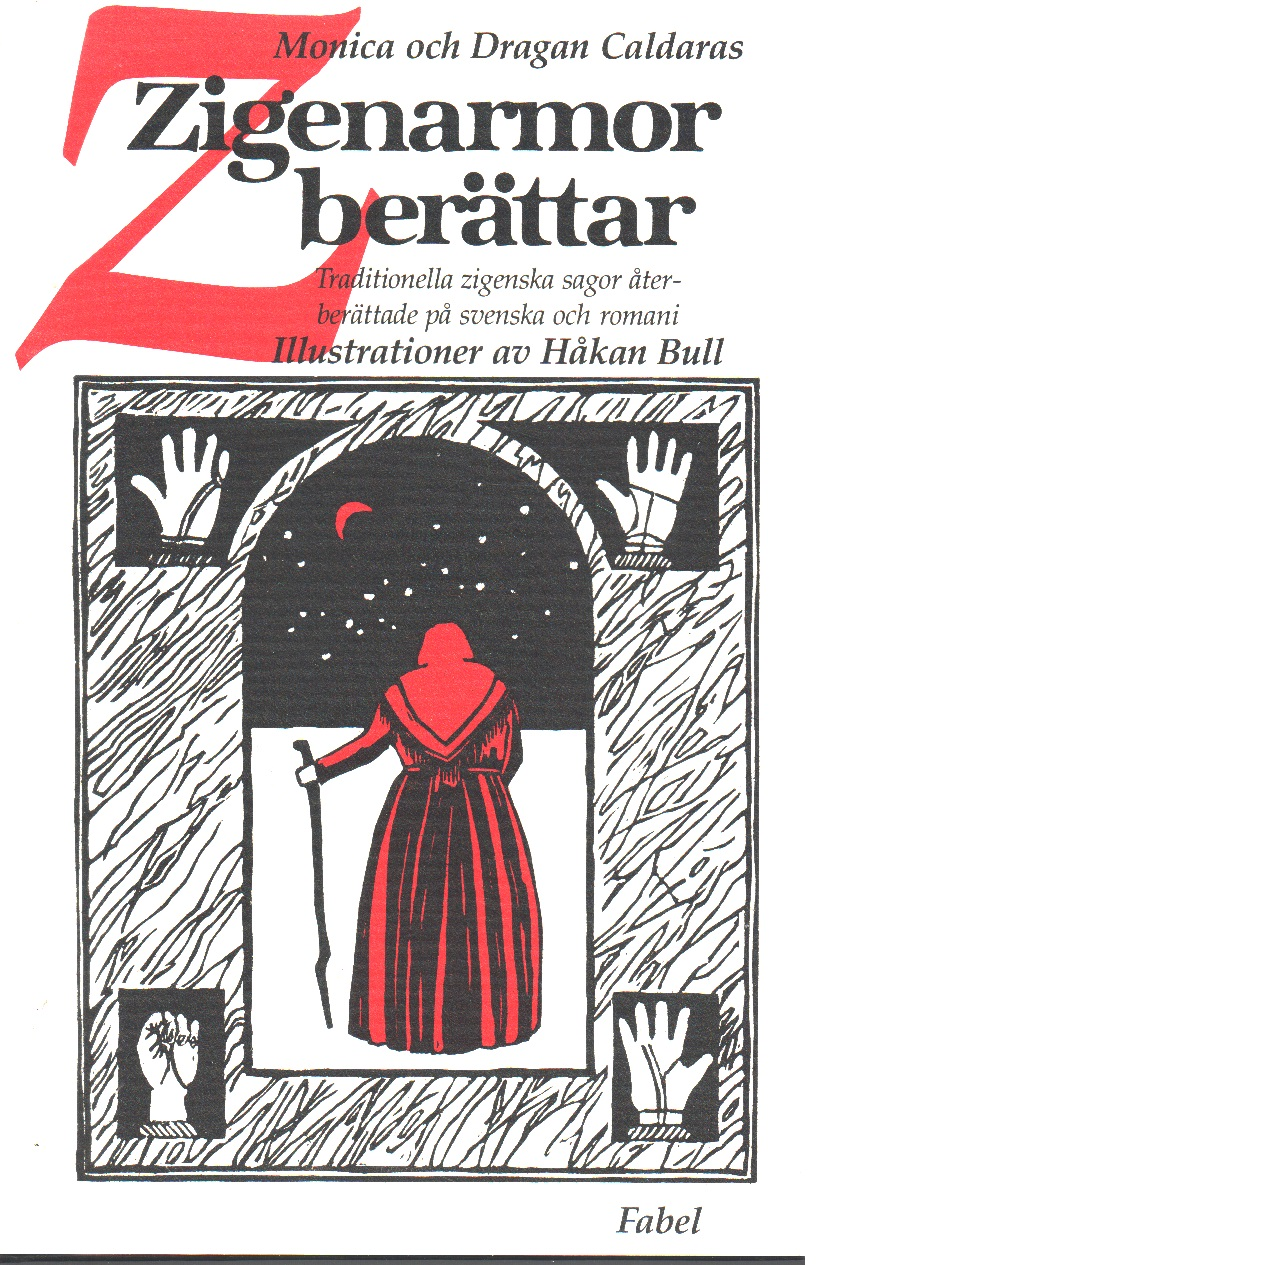 Zigenarmor berättar : traditionella zigenska sagor återberättade på svenska och romani - Caldaras, Monica och Caldaras, Dragan